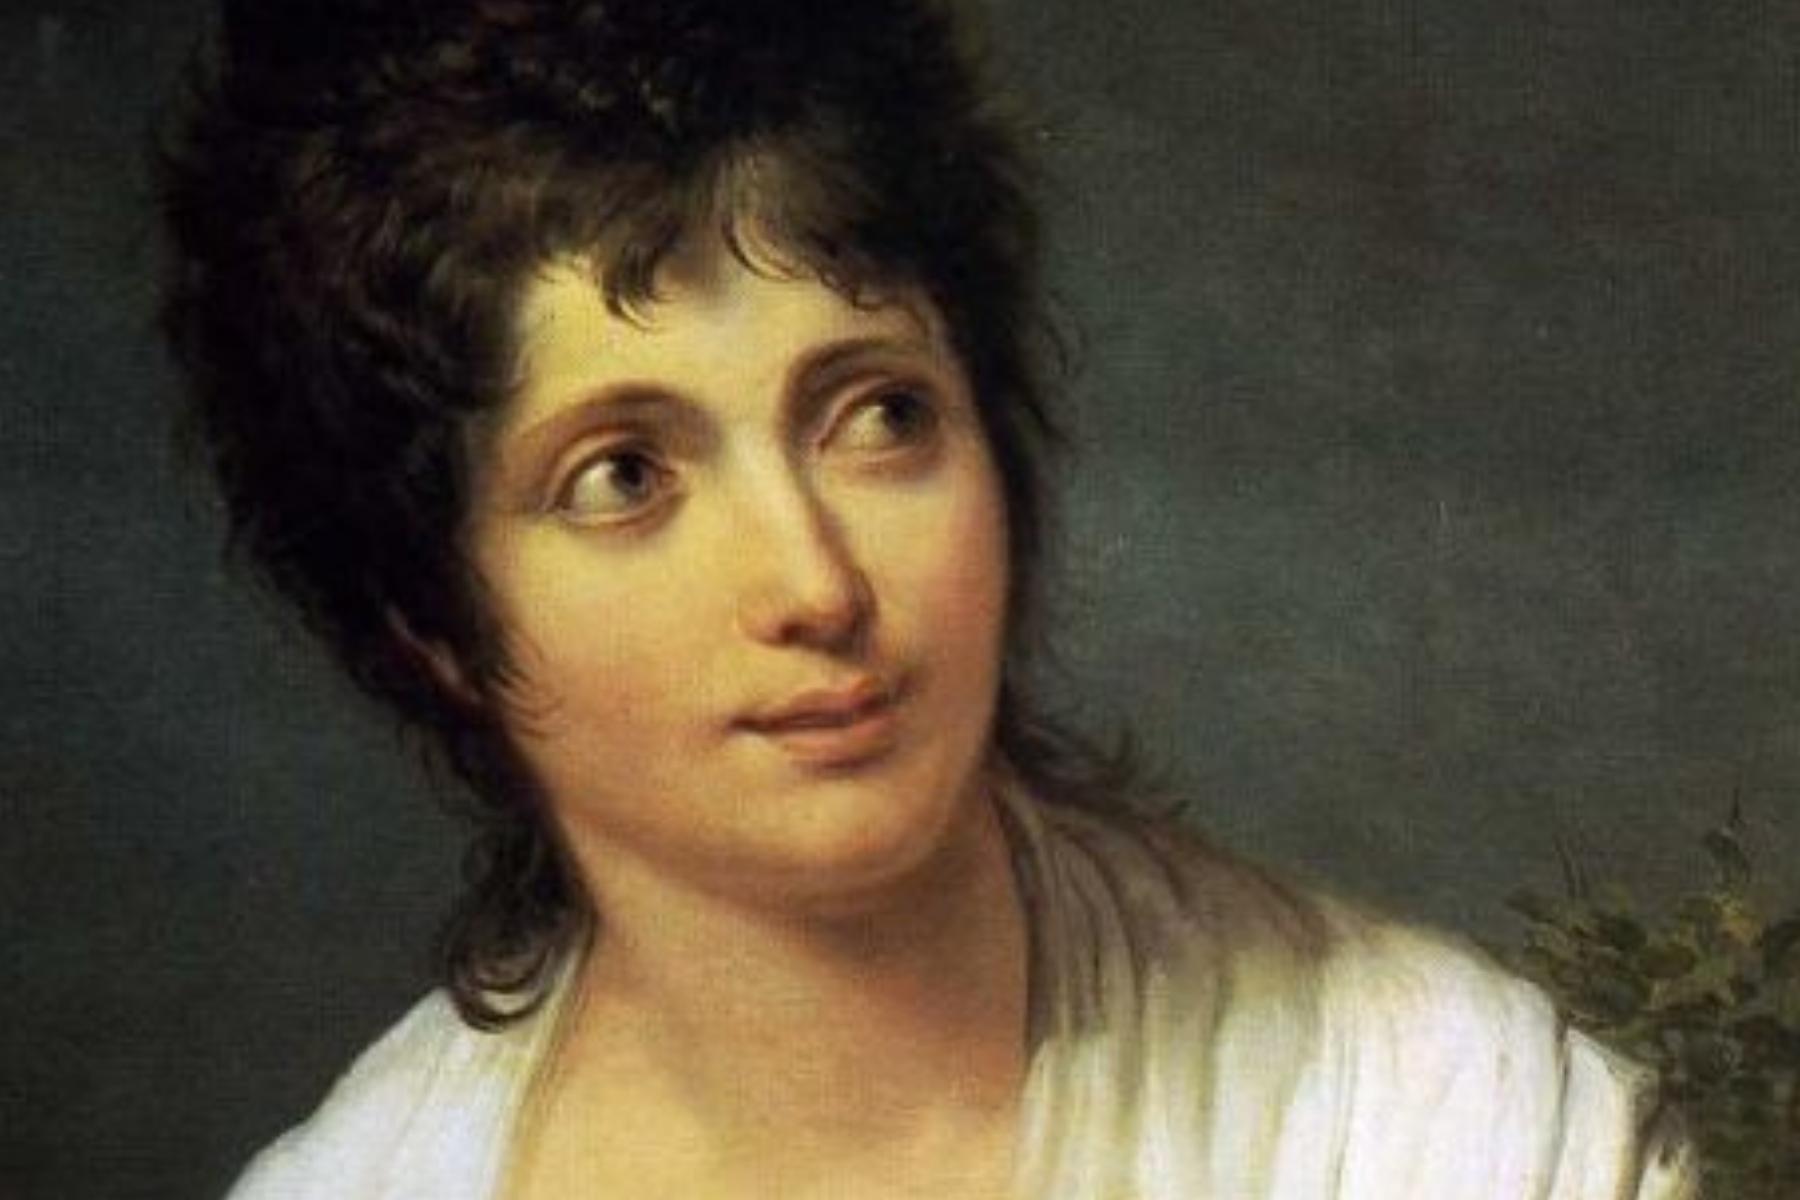 Pinacoteca Ambrosiana: Illustri e sconosciuti. I ritratti della Pinacoteca Ambrosiana